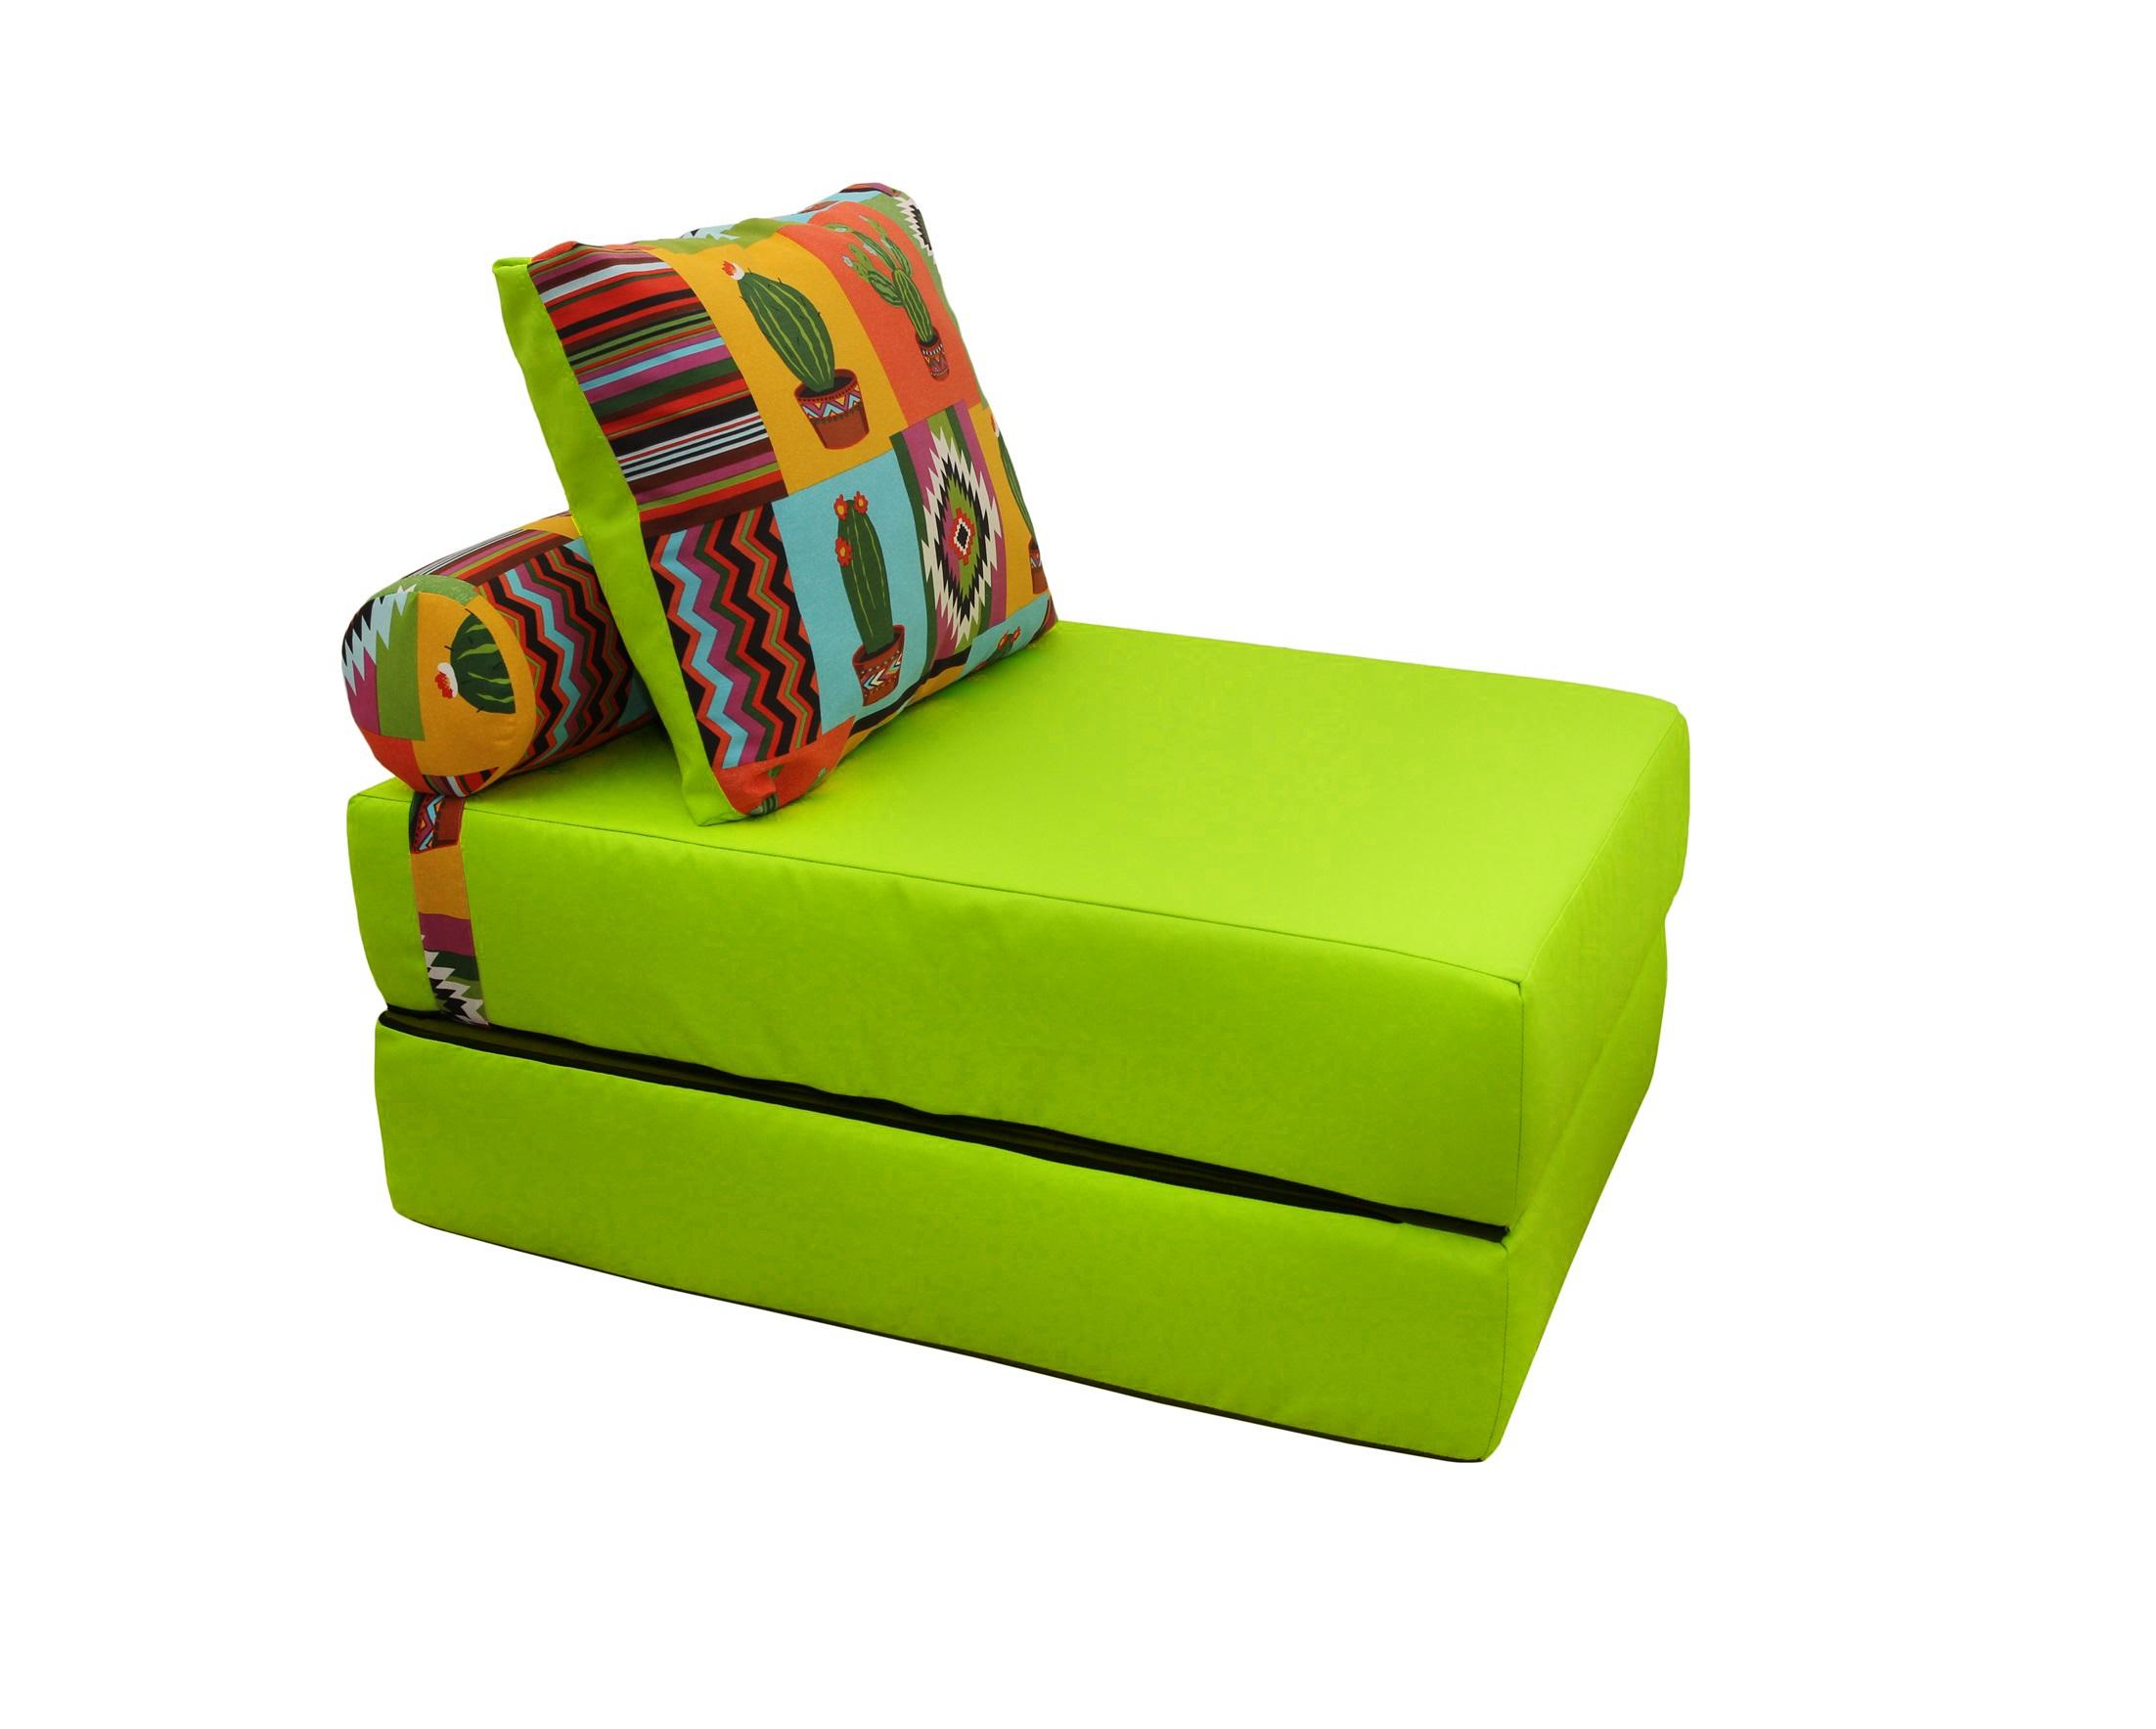 Кресло-кроватьКресла-кровати<br>Уникальное дизайнерское кресло-кровать  станет неотъемлемой частью вашего отдыха. Идеальное решение для интерьеров в стиле Лофт и небольших комнат! Съёмный чехол можно постирать в машине или заменить на новый! А его жесткость оптимальна для полноценного сна! Оригинальный дизайн и эксклюзивный принт создадут комфорт и уют в вашем доме.&amp;amp;nbsp;&amp;lt;div&amp;gt;&amp;lt;br&amp;gt;&amp;lt;/div&amp;gt;&amp;lt;div&amp;gt;В разобранном виде 70х20х200, валик d20х40, подушка 50х70 см.&amp;lt;/div&amp;gt;<br><br>Material: Текстиль<br>Length см: None<br>Width см: 100<br>Depth см: 70<br>Height см: 40